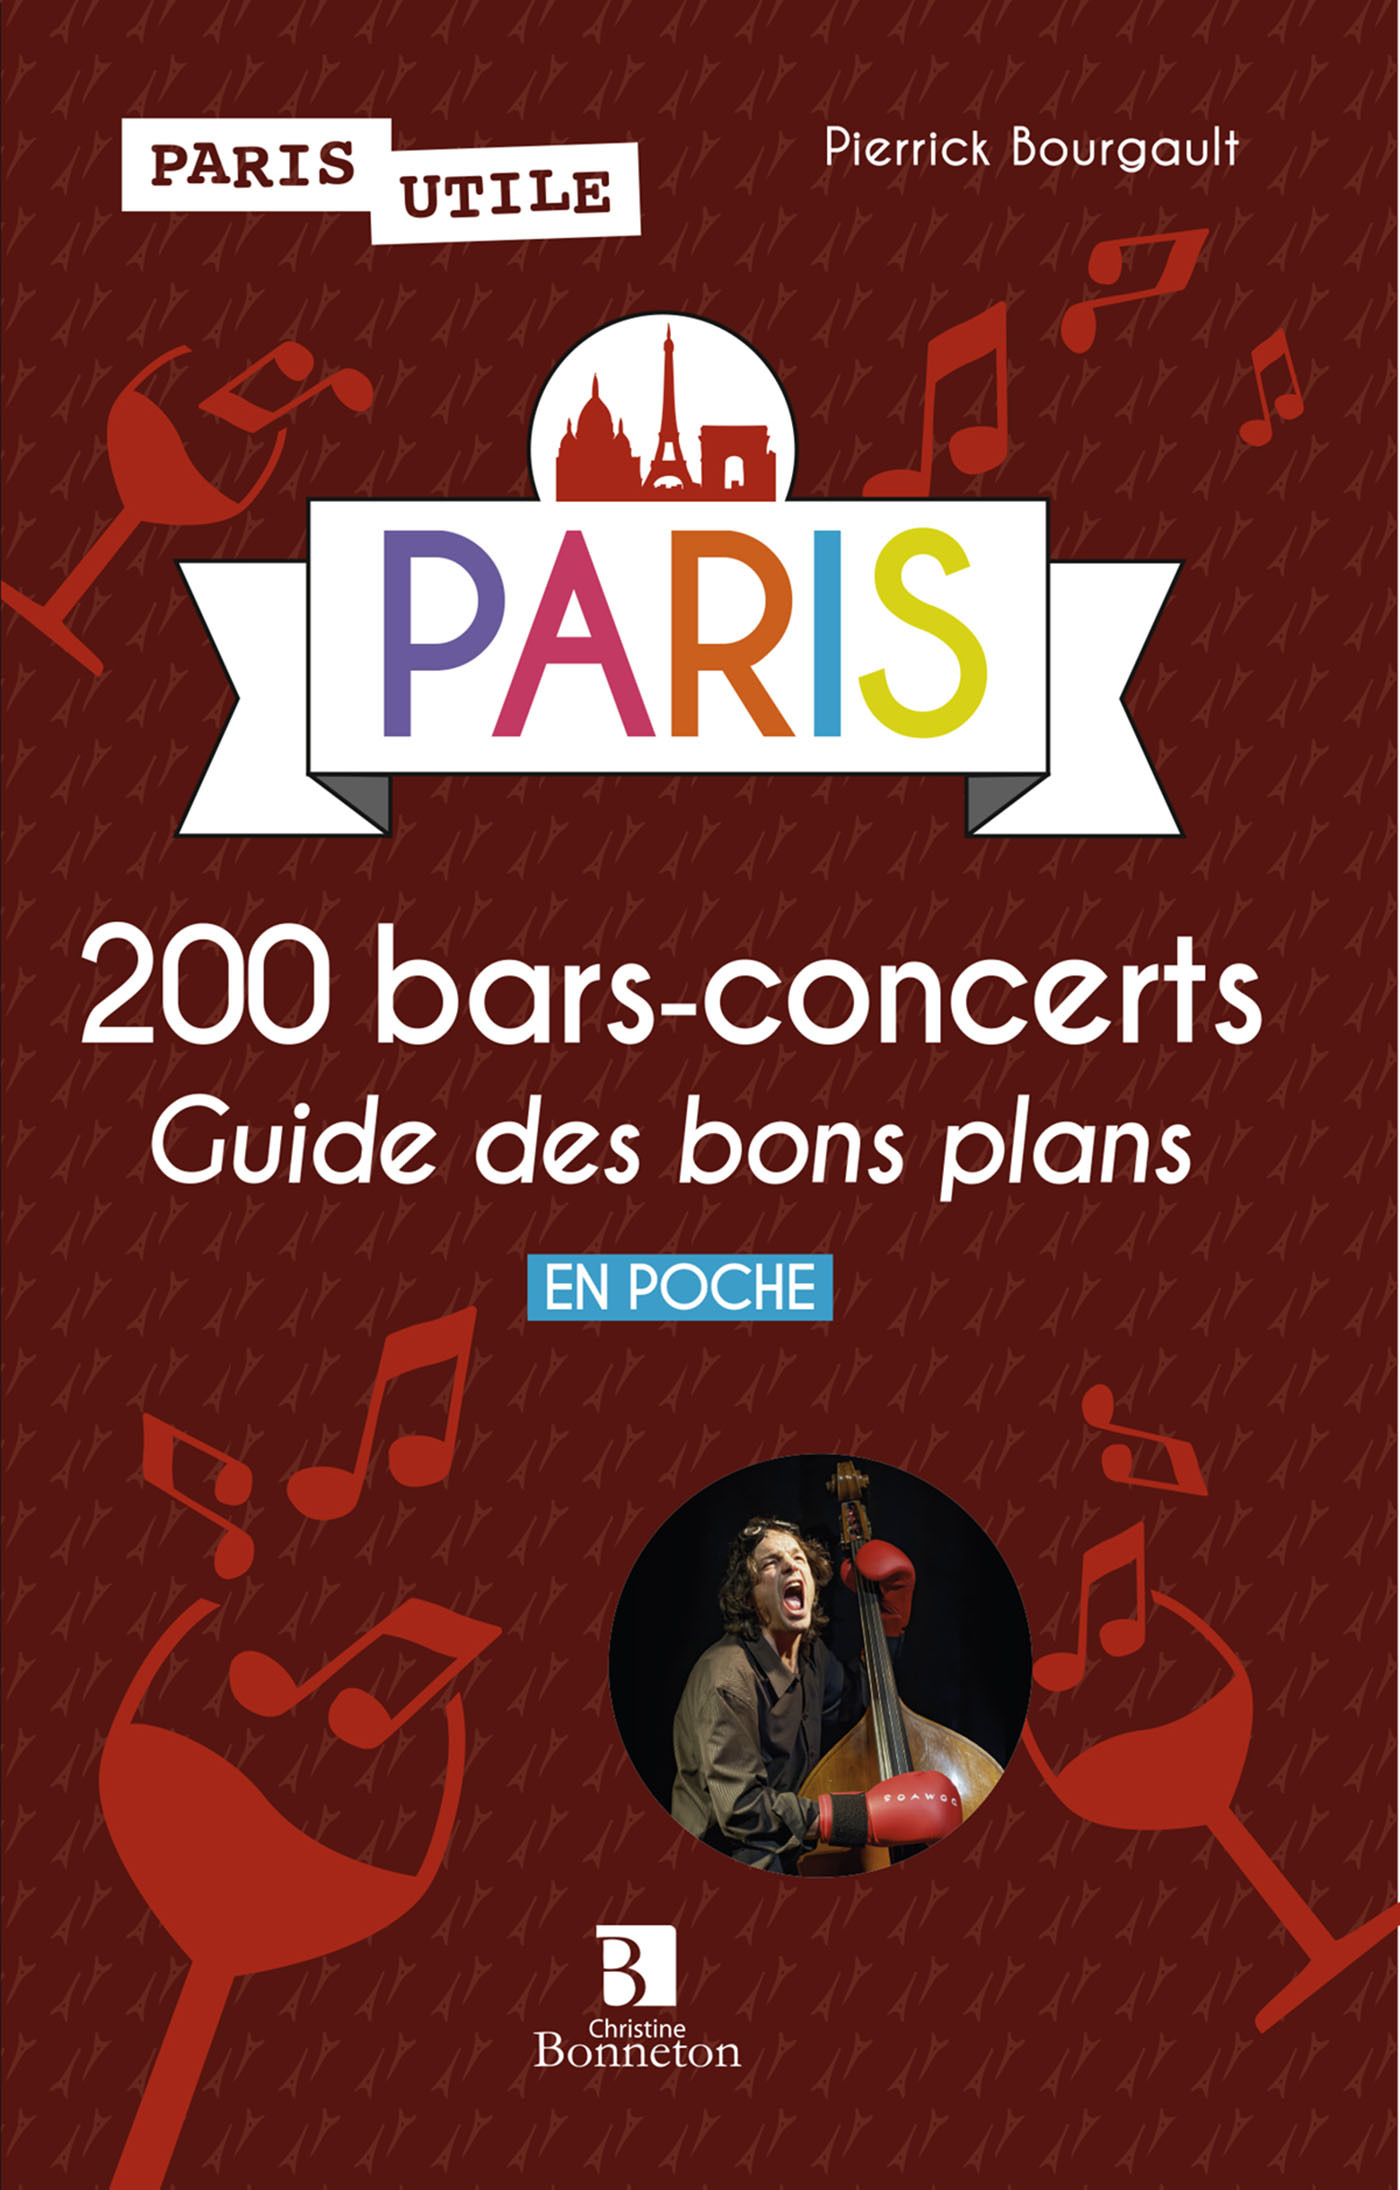 PARIS 200 BARS CONCERTS - GUIDE DES BONS PLANS